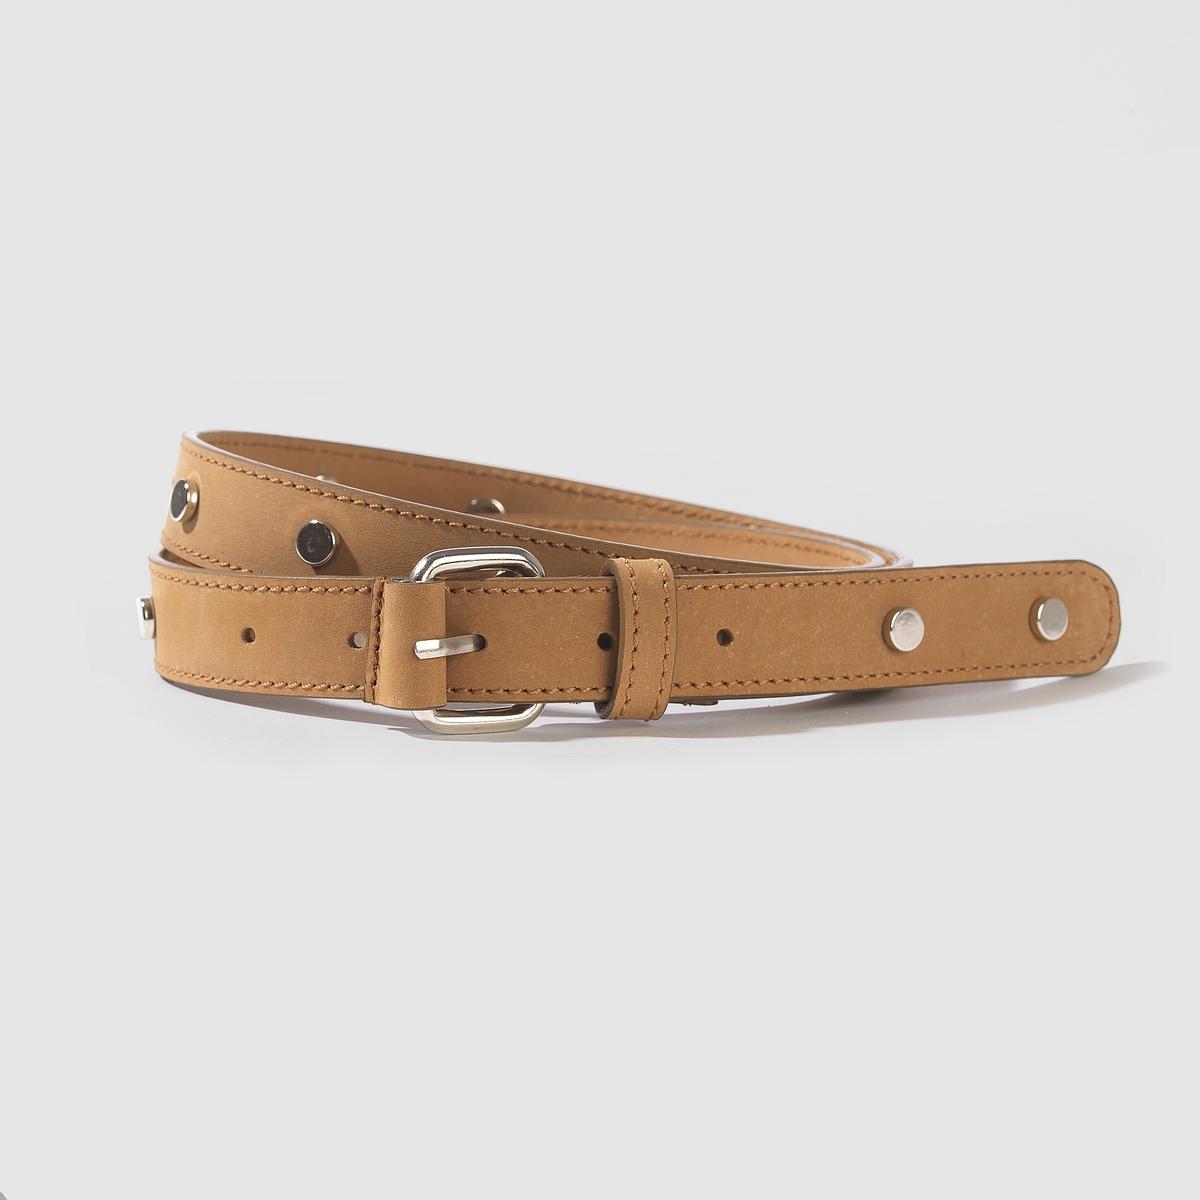 Ремень кожаныйКожаный ременьМарка: Carven X La Redoute.Материал: буйволовая кожа.Застежка: на металлическую пряжку.Ширина: .8,5 смРазмер: 75 см, 85 см, 95 см.<br><br>Цвет: бежевый,белый,черный<br>Размер: 95 см.95 см